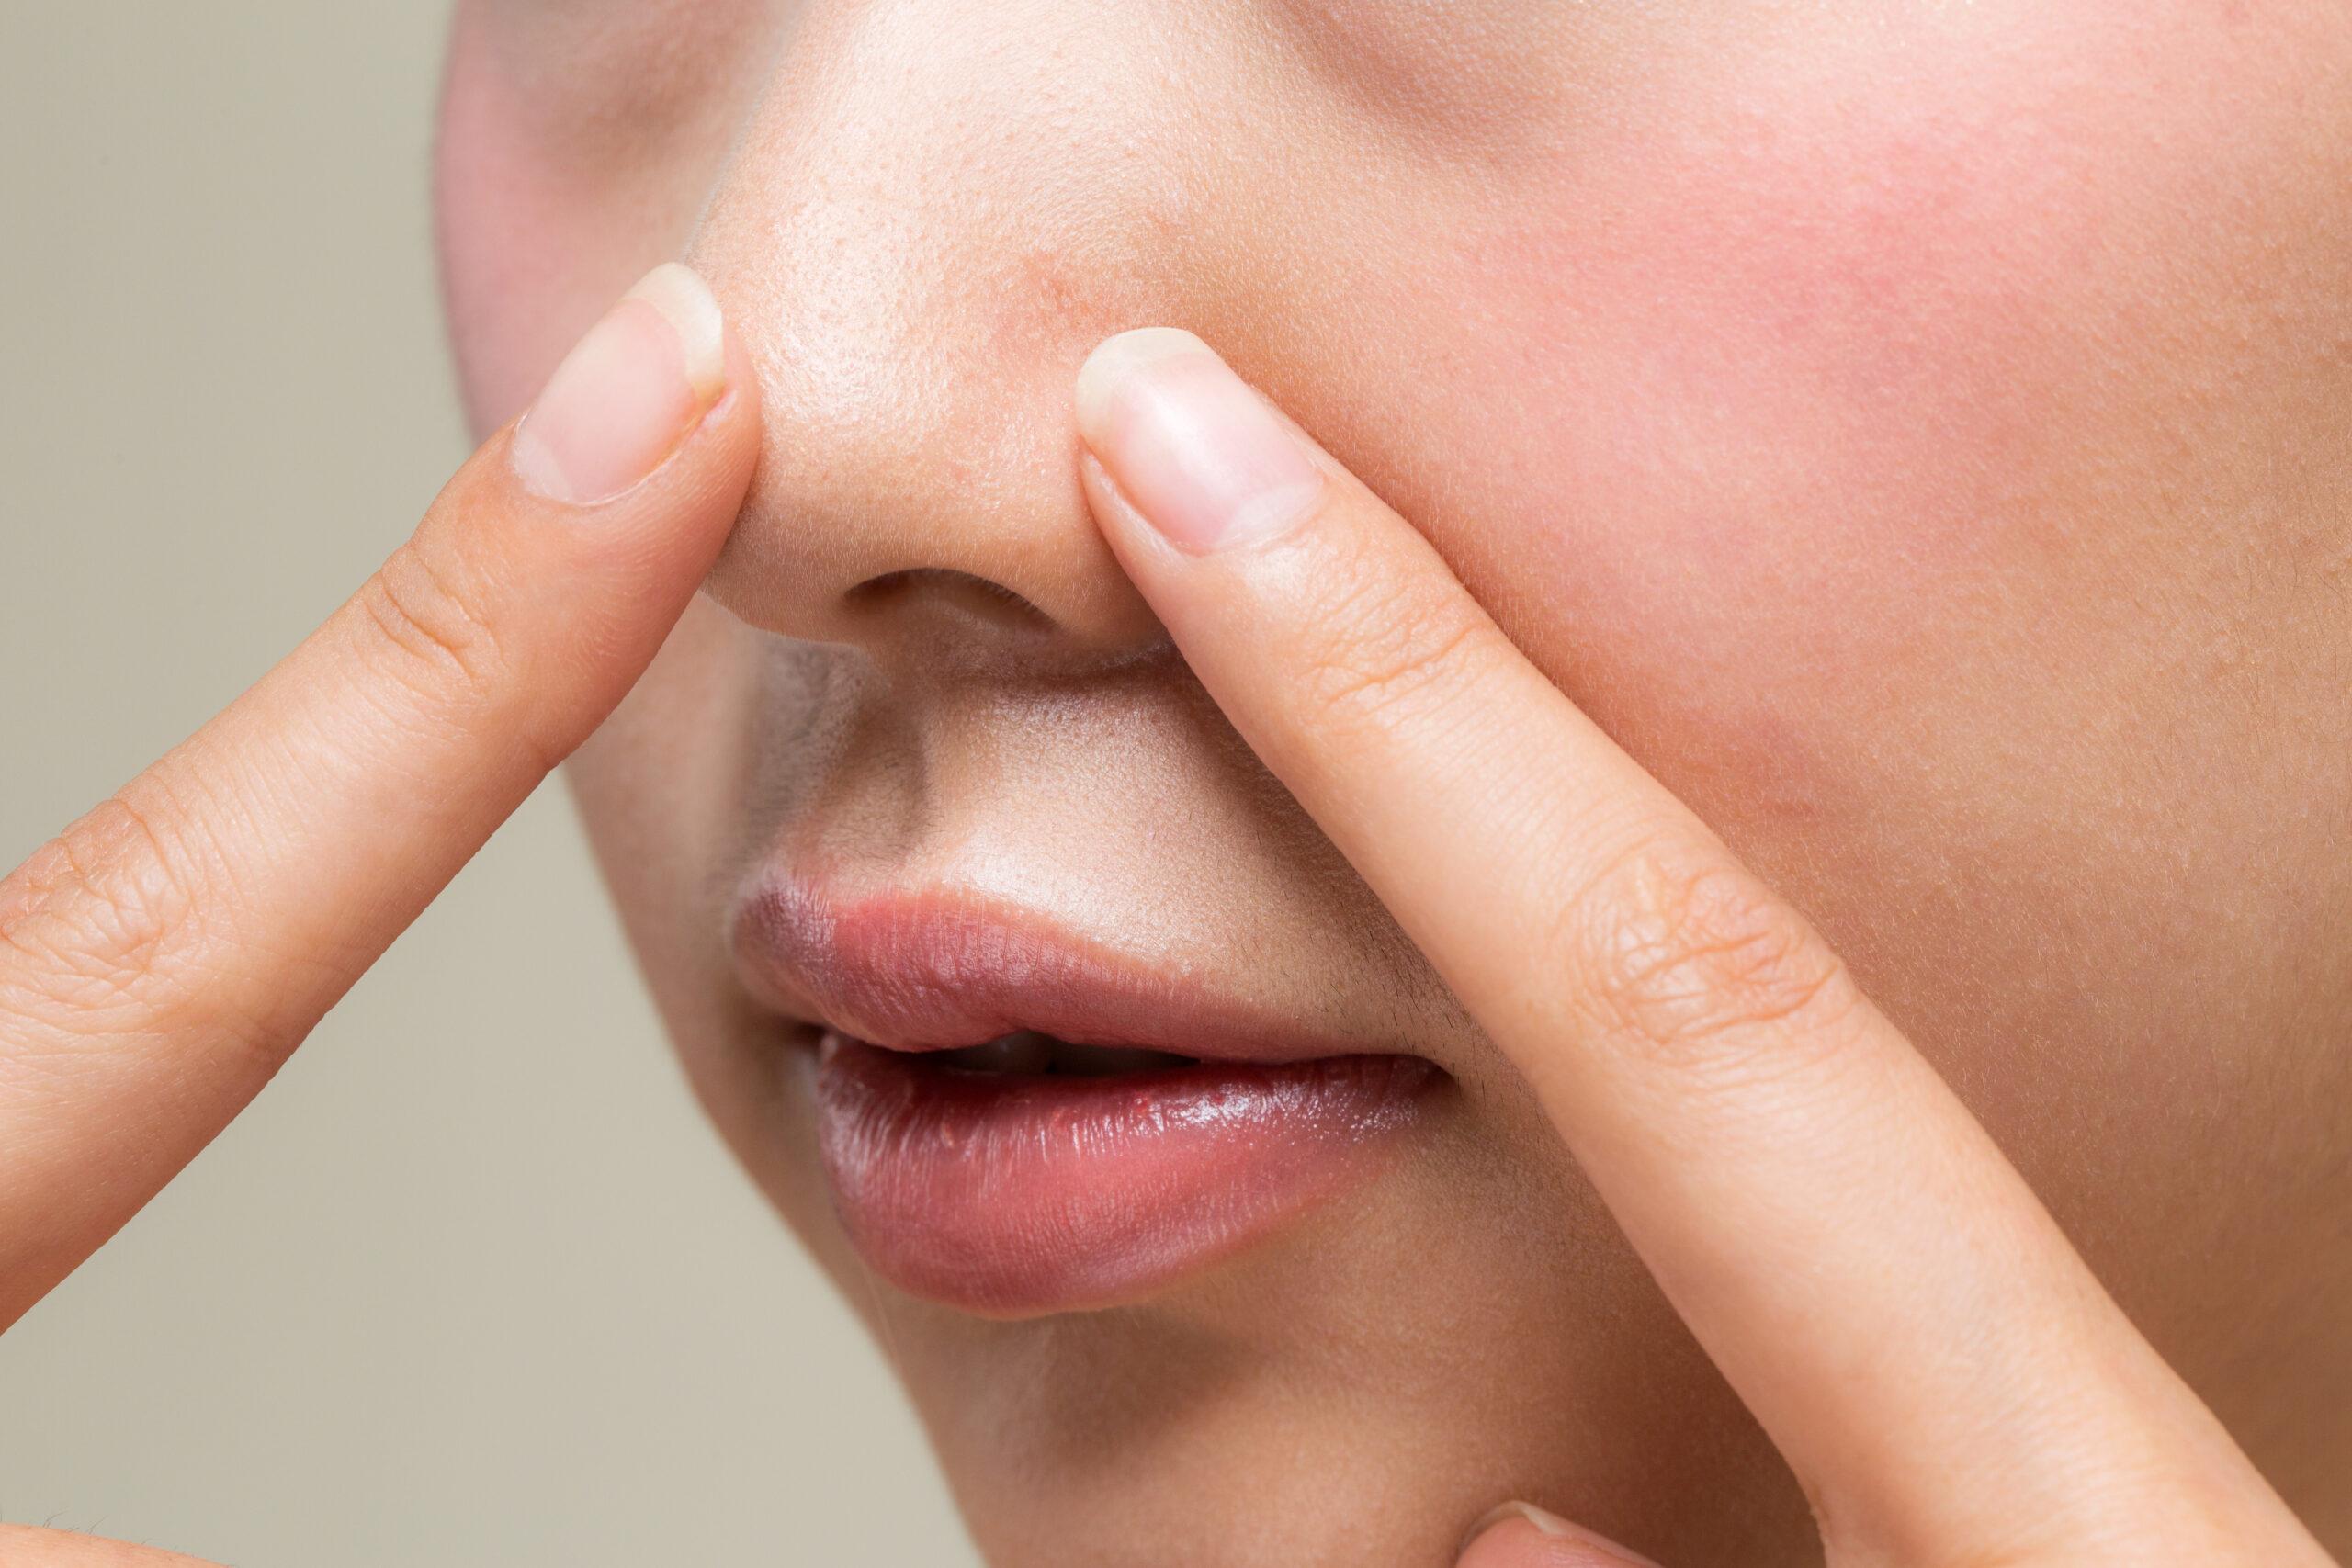 毛穴の黒ずみが気になる方必見!毛穴ケアにおすすめの洗顔の選び方-1